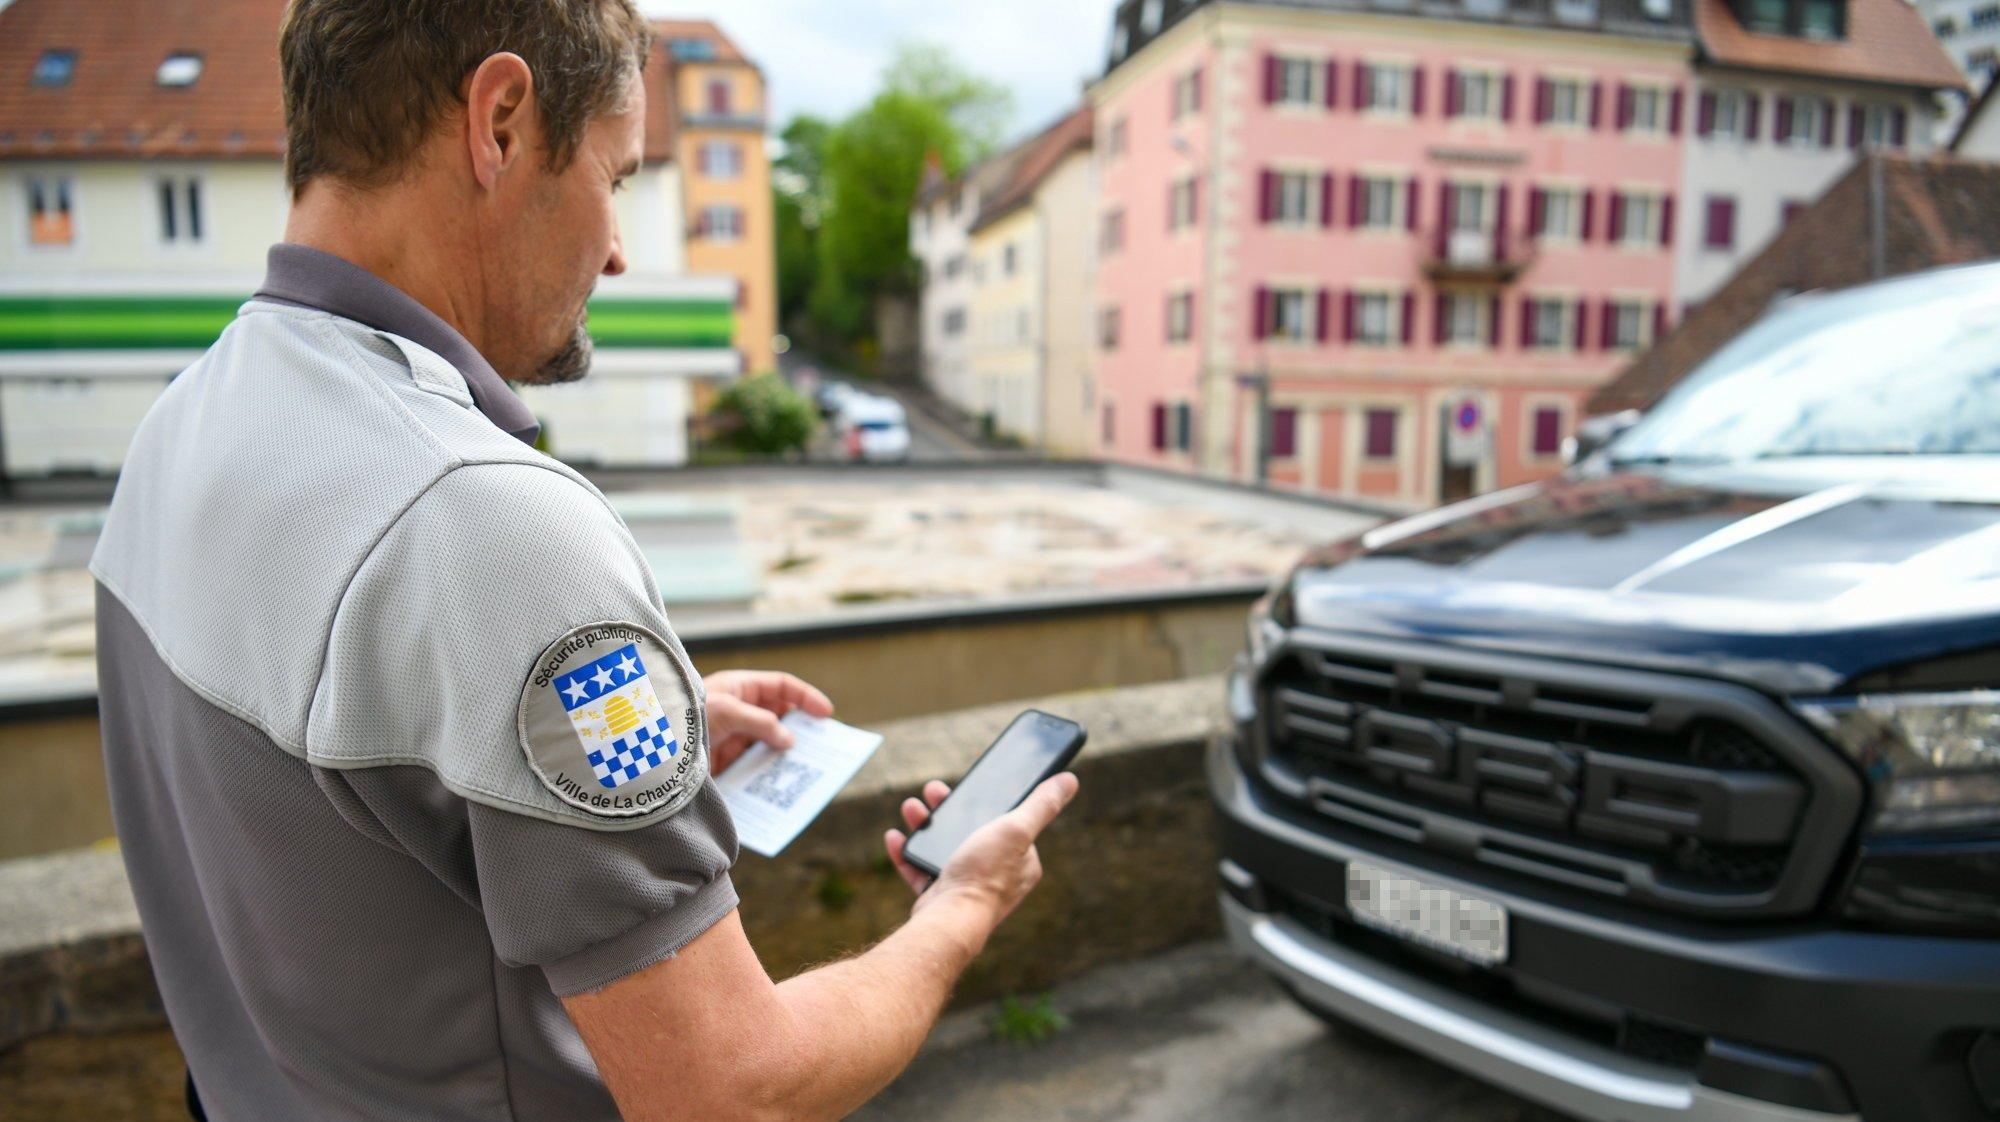 Un agent de la sécurité publique en train d'infliger une amende par QR code, à La Chaux-de-Fonds.